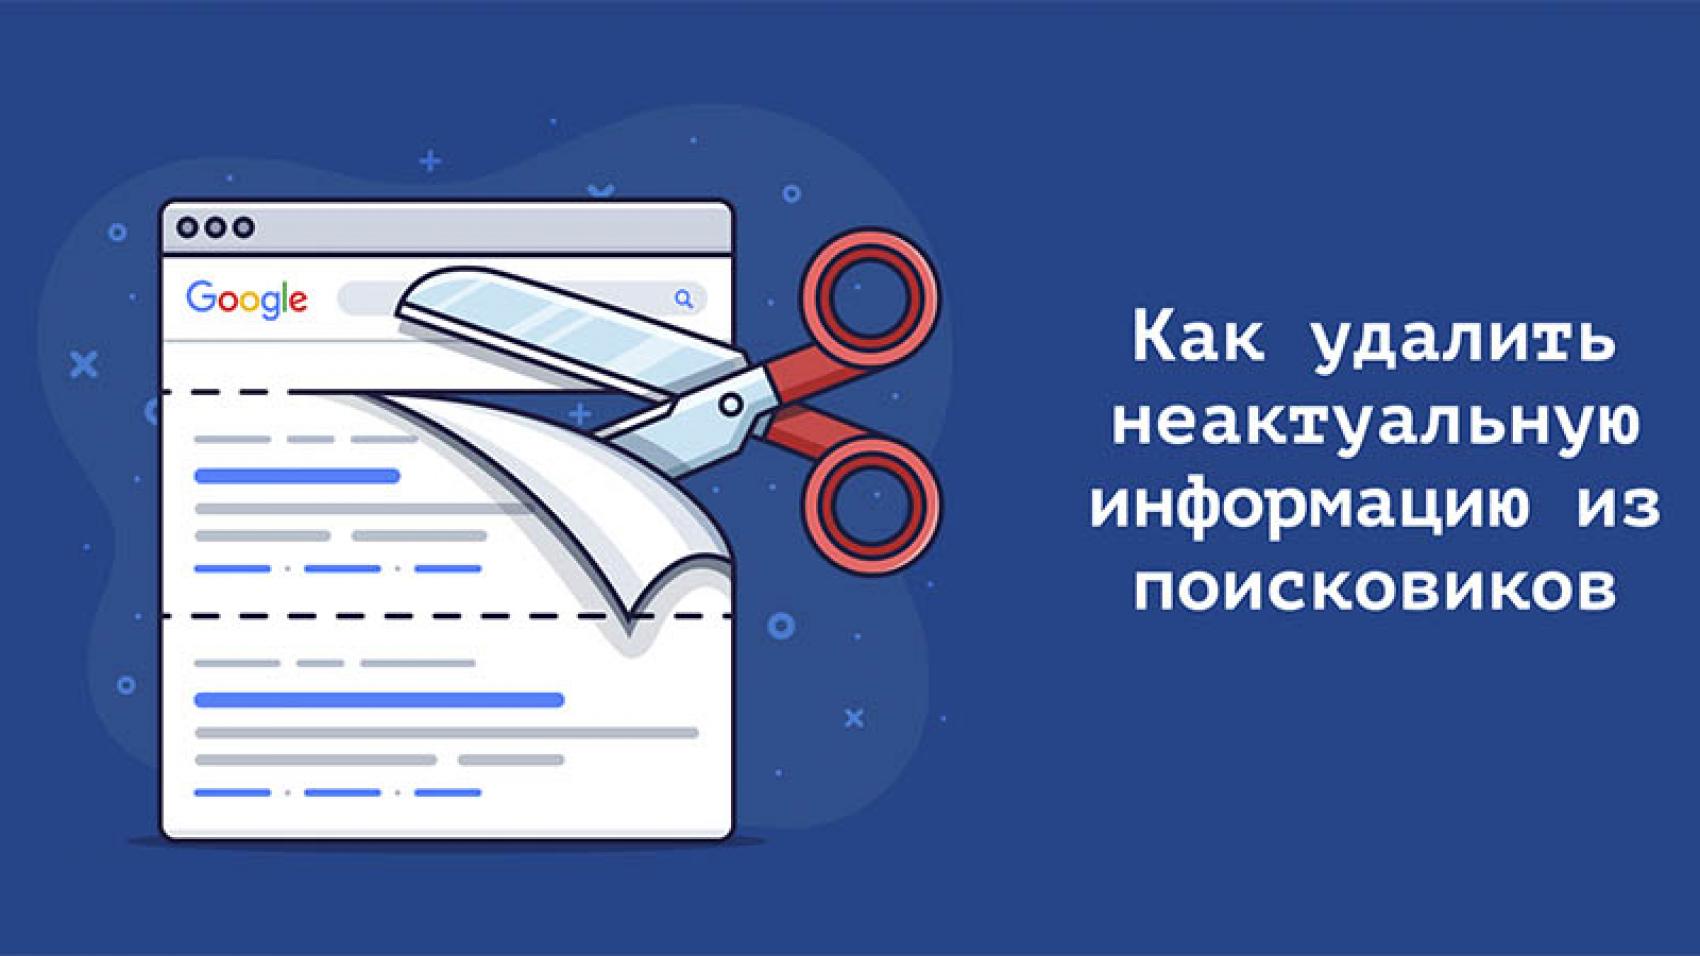 Как удалить неактуальную информацию из поисковой выдачи